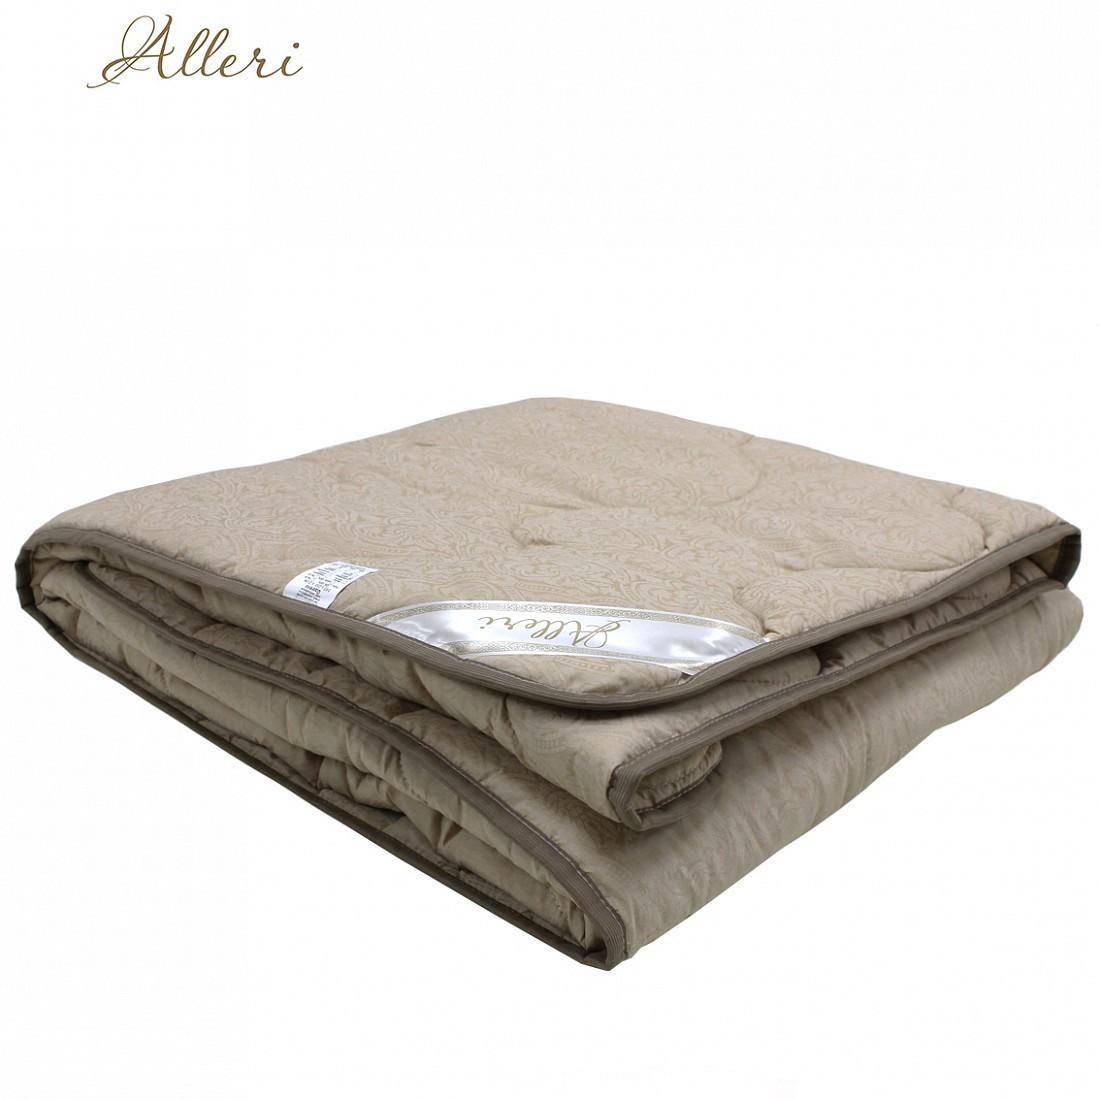 Одеяло Верблюжья шерсть (Полиэстер), 300 гр